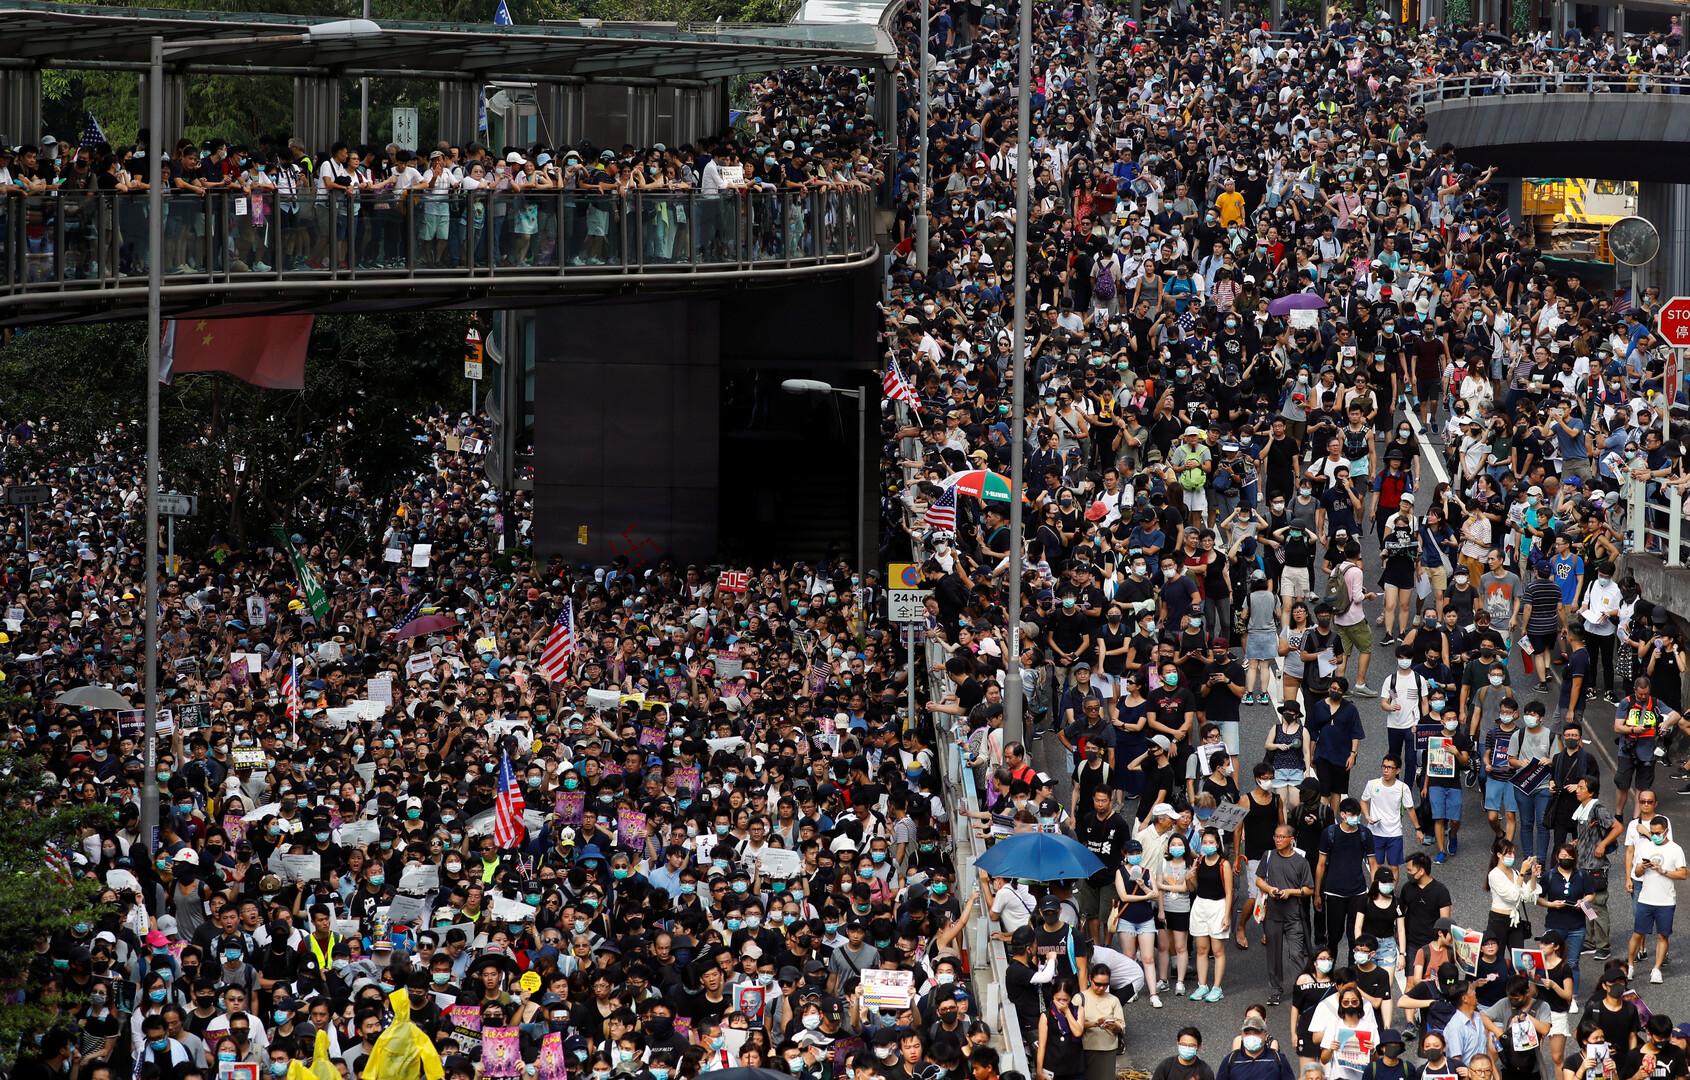 إصابة 19 شخصا جراء الاحتجاجات في هونغ كونغ أمس